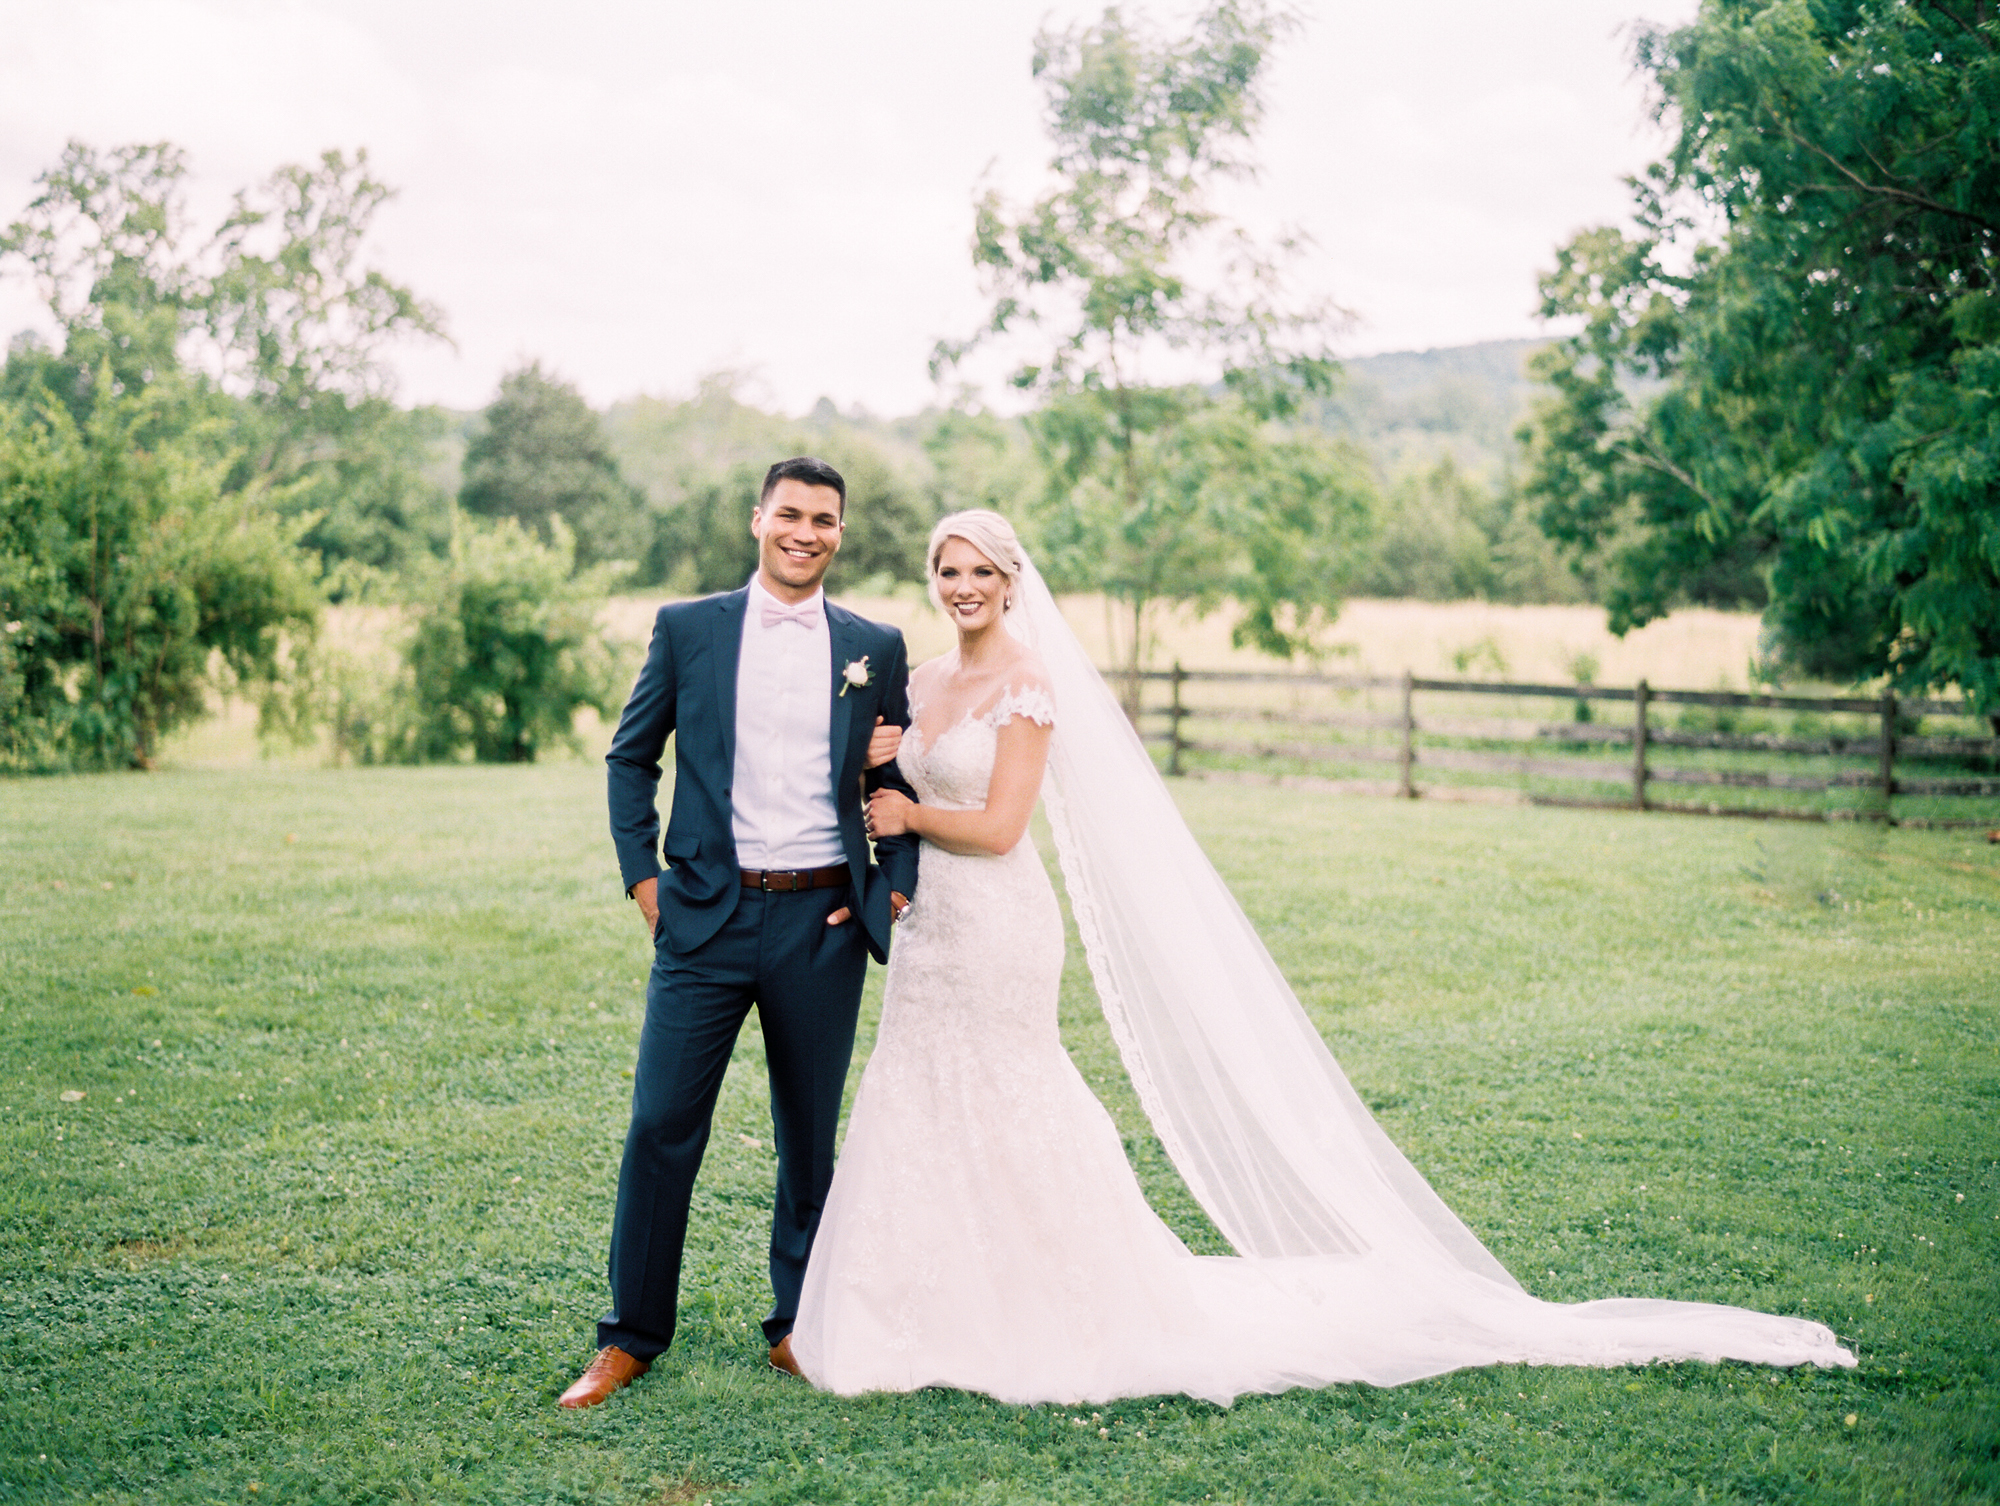 Sorella-farms-barn-wedding-venue-lynchburg-film-photographer-35.jpg